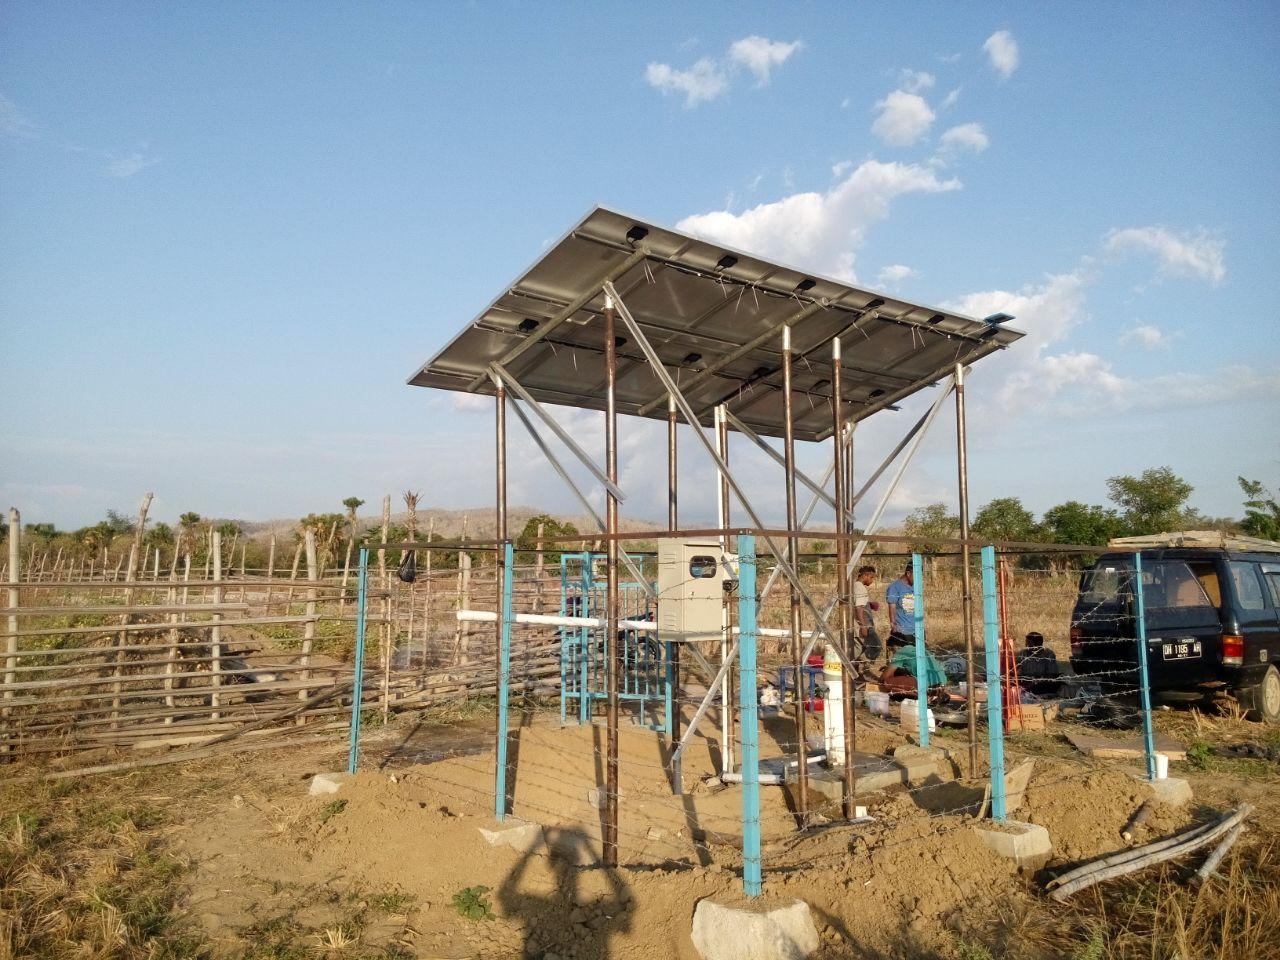 Implementasi pompa air tenaga surya lorentz di Fatuleu - Kupang - 2